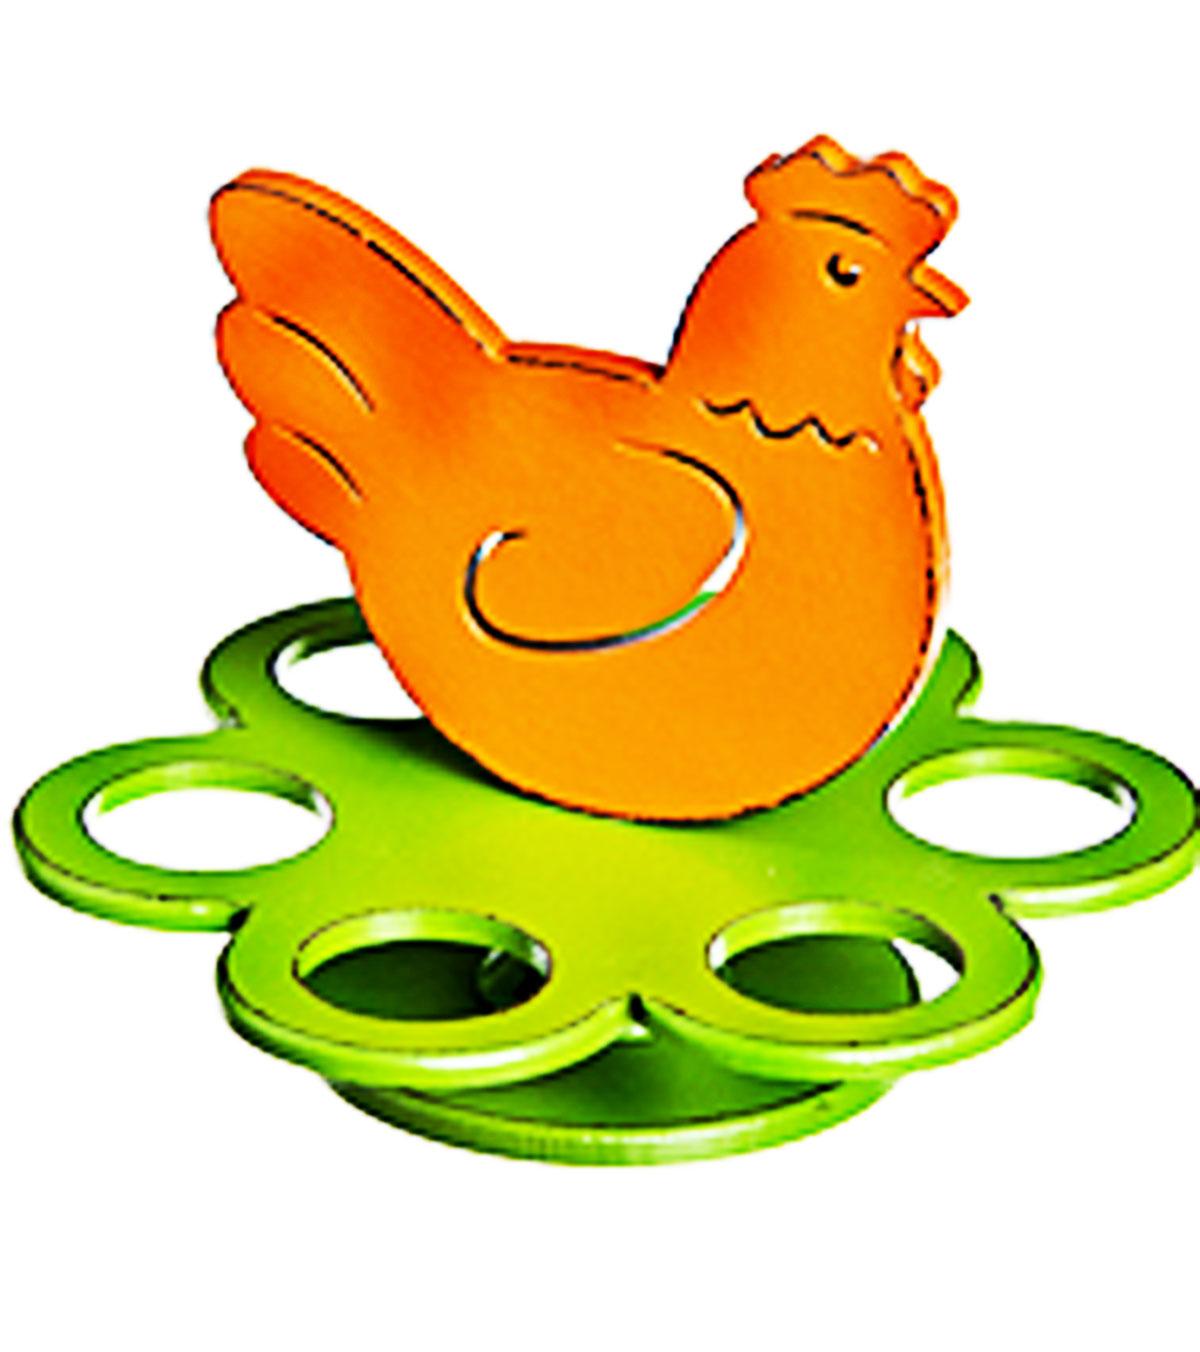 Подставка под яйца Home Queen Курочка, цвет: зеленый, оранжевый, 6 ячеек115510Подставка Home Queen Курочка станет оригинальным украшением праздничного стола на Пасху. Подставка изготовлена из дерева и служит держателем для яиц. Изделие выполнено в виде забавной курочки на подставке с 6 ячейками для яиц. Подставка Курочка может стать красивым пасхальным подарком для друзей или близких. Размер подставки: 18,5 см х 18,5 см х 15 см. Диаметр ячейки: 4 см.